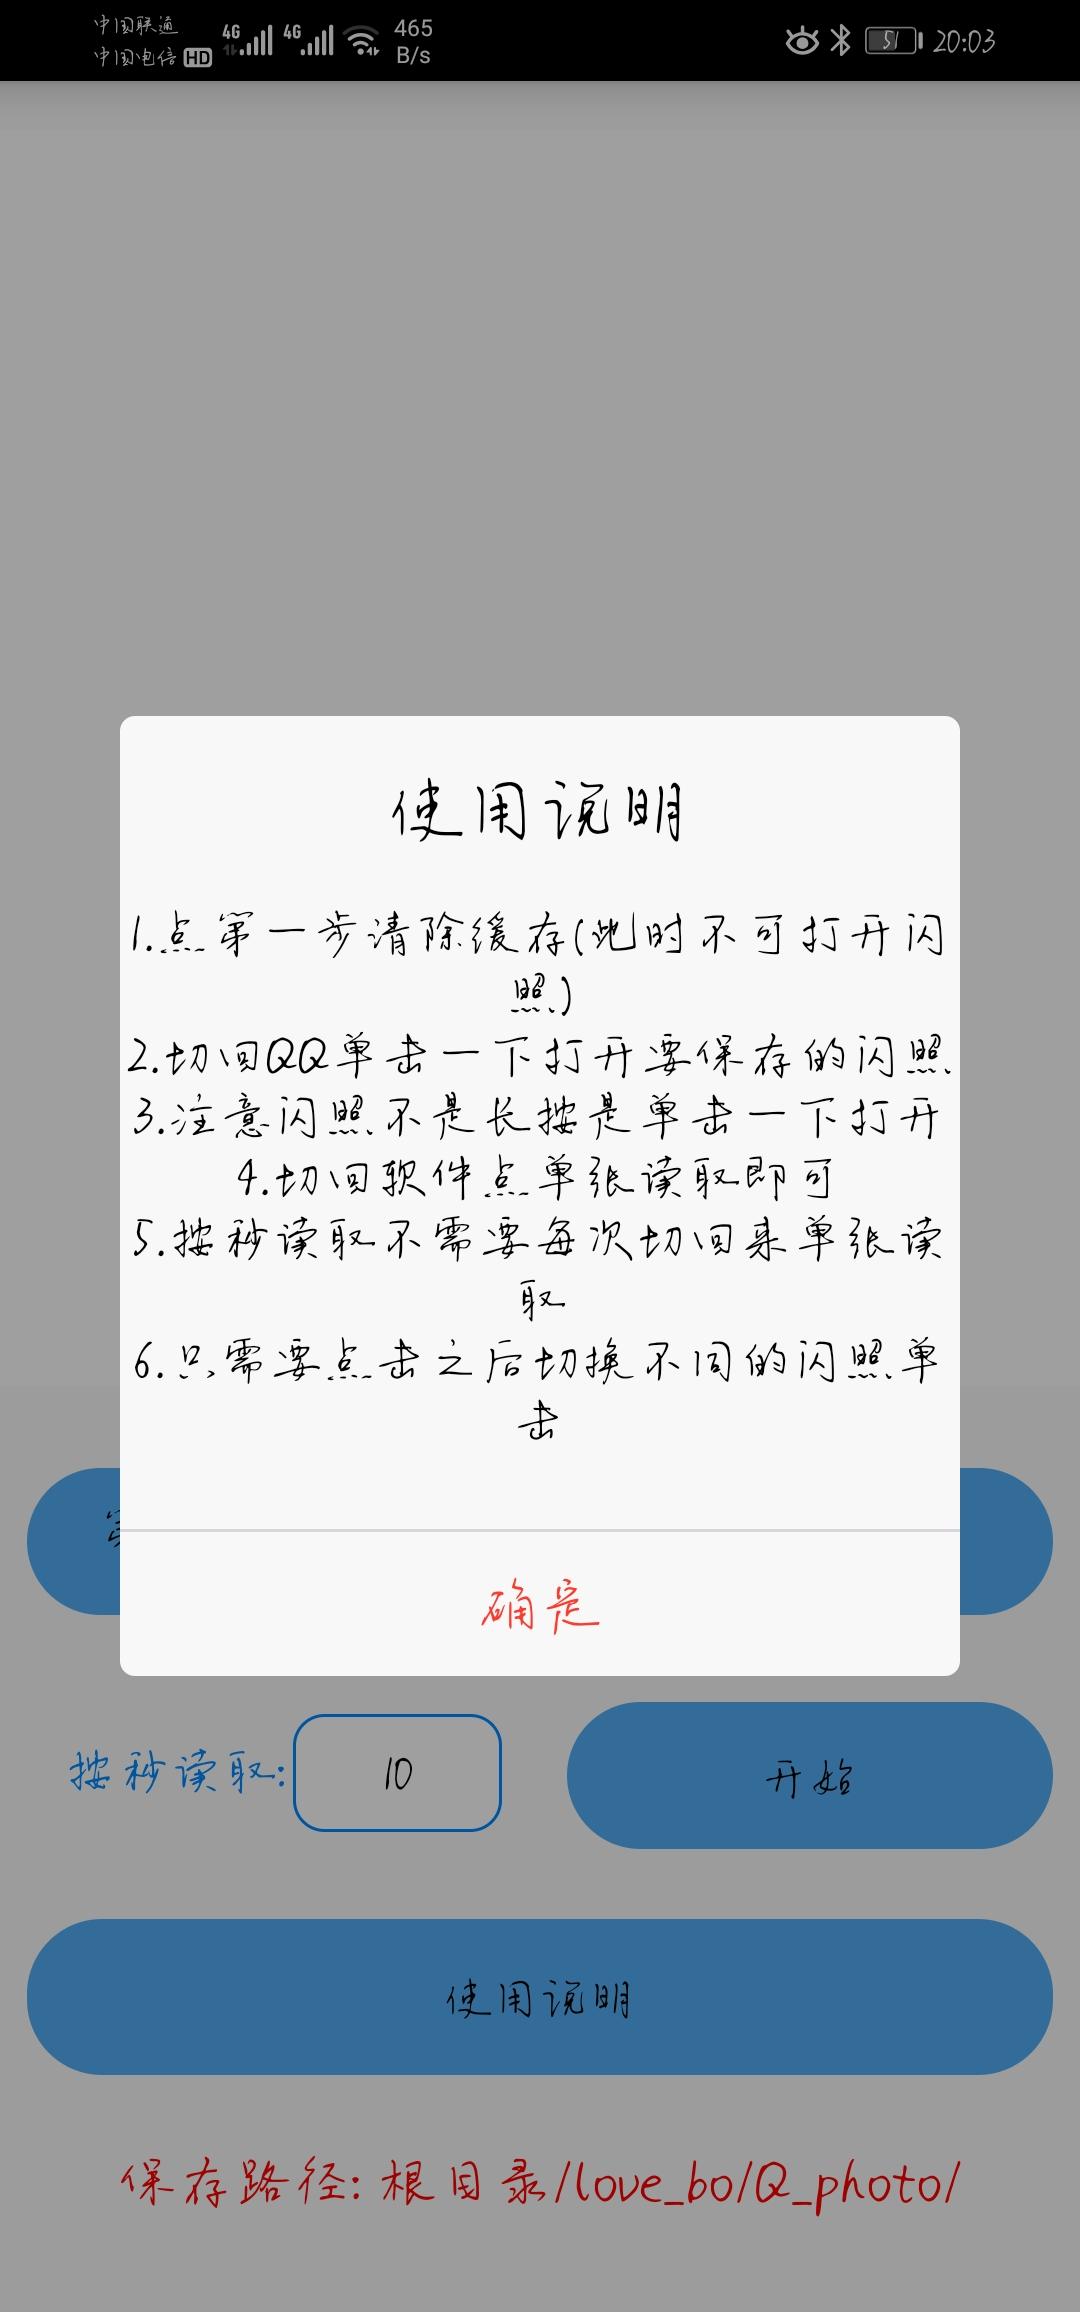 QQ小工具箱-万福,QQ小工具箱-万福  QQ 软件 撩妹 工具 第4张,QQ,软件,虚拟主机,工具,第4张